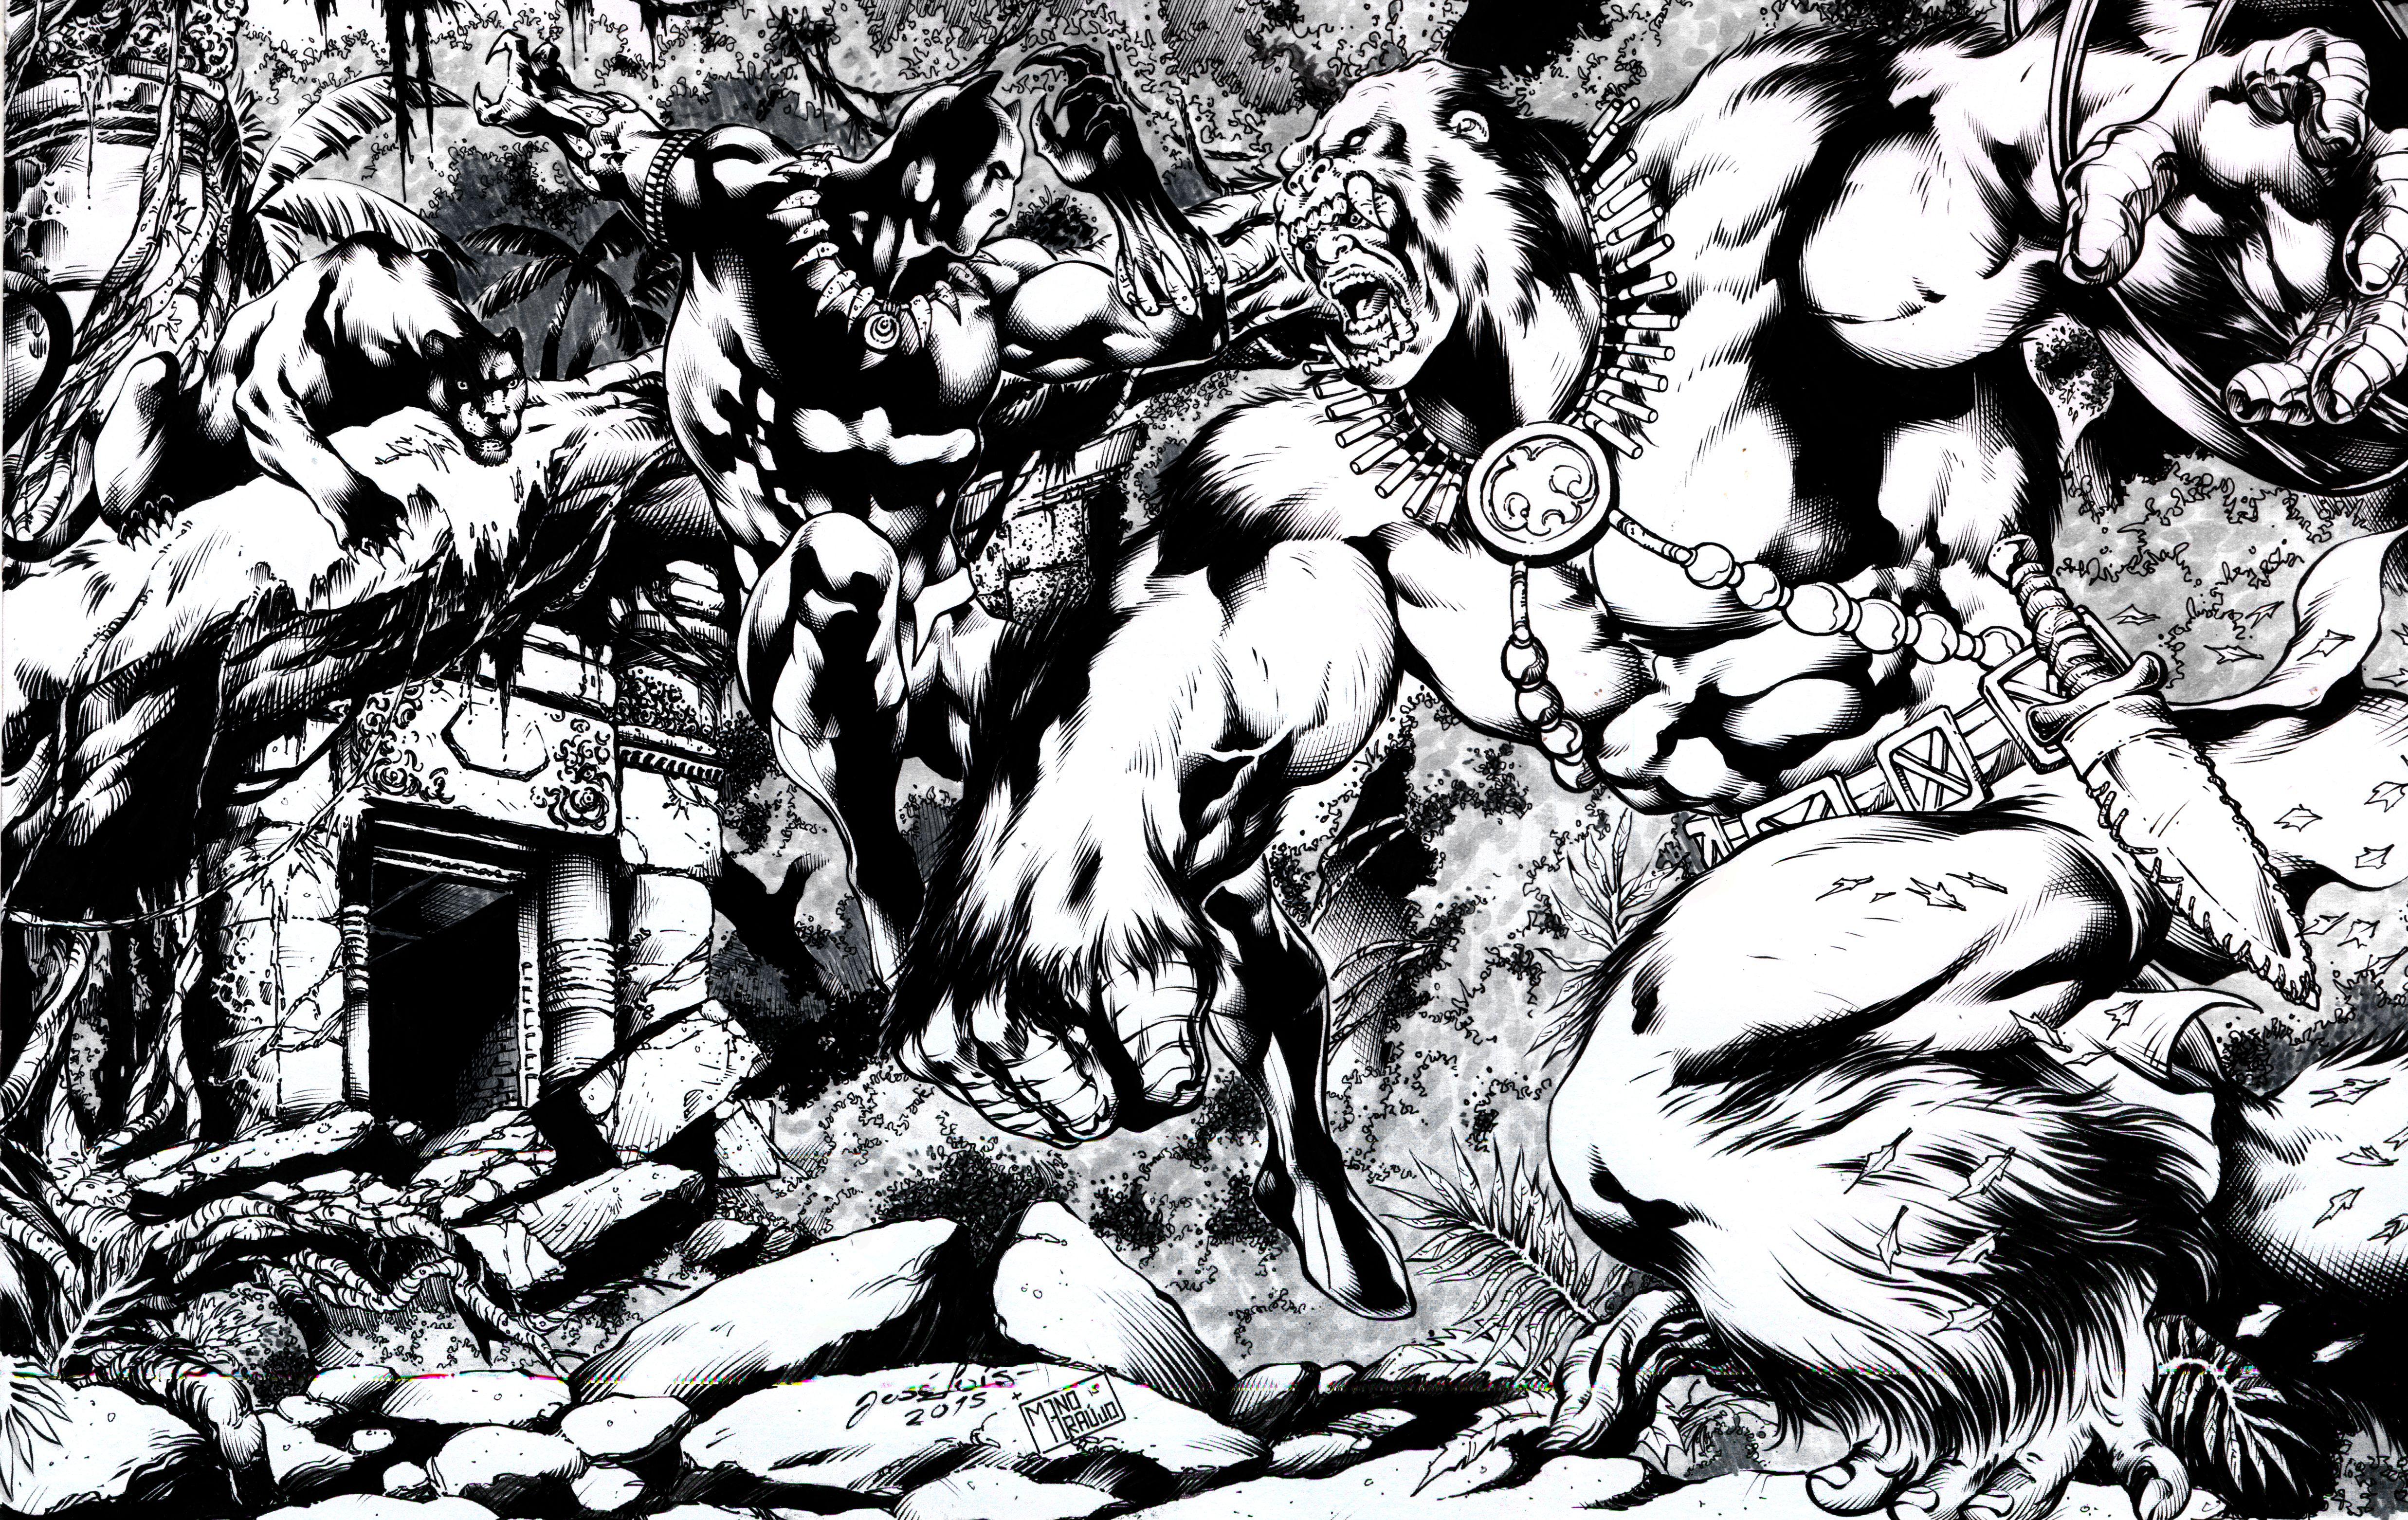 Black Panther By Portela On Deviantart: Black Panther Vs Man-Ape By ManoAraujo On DeviantArt